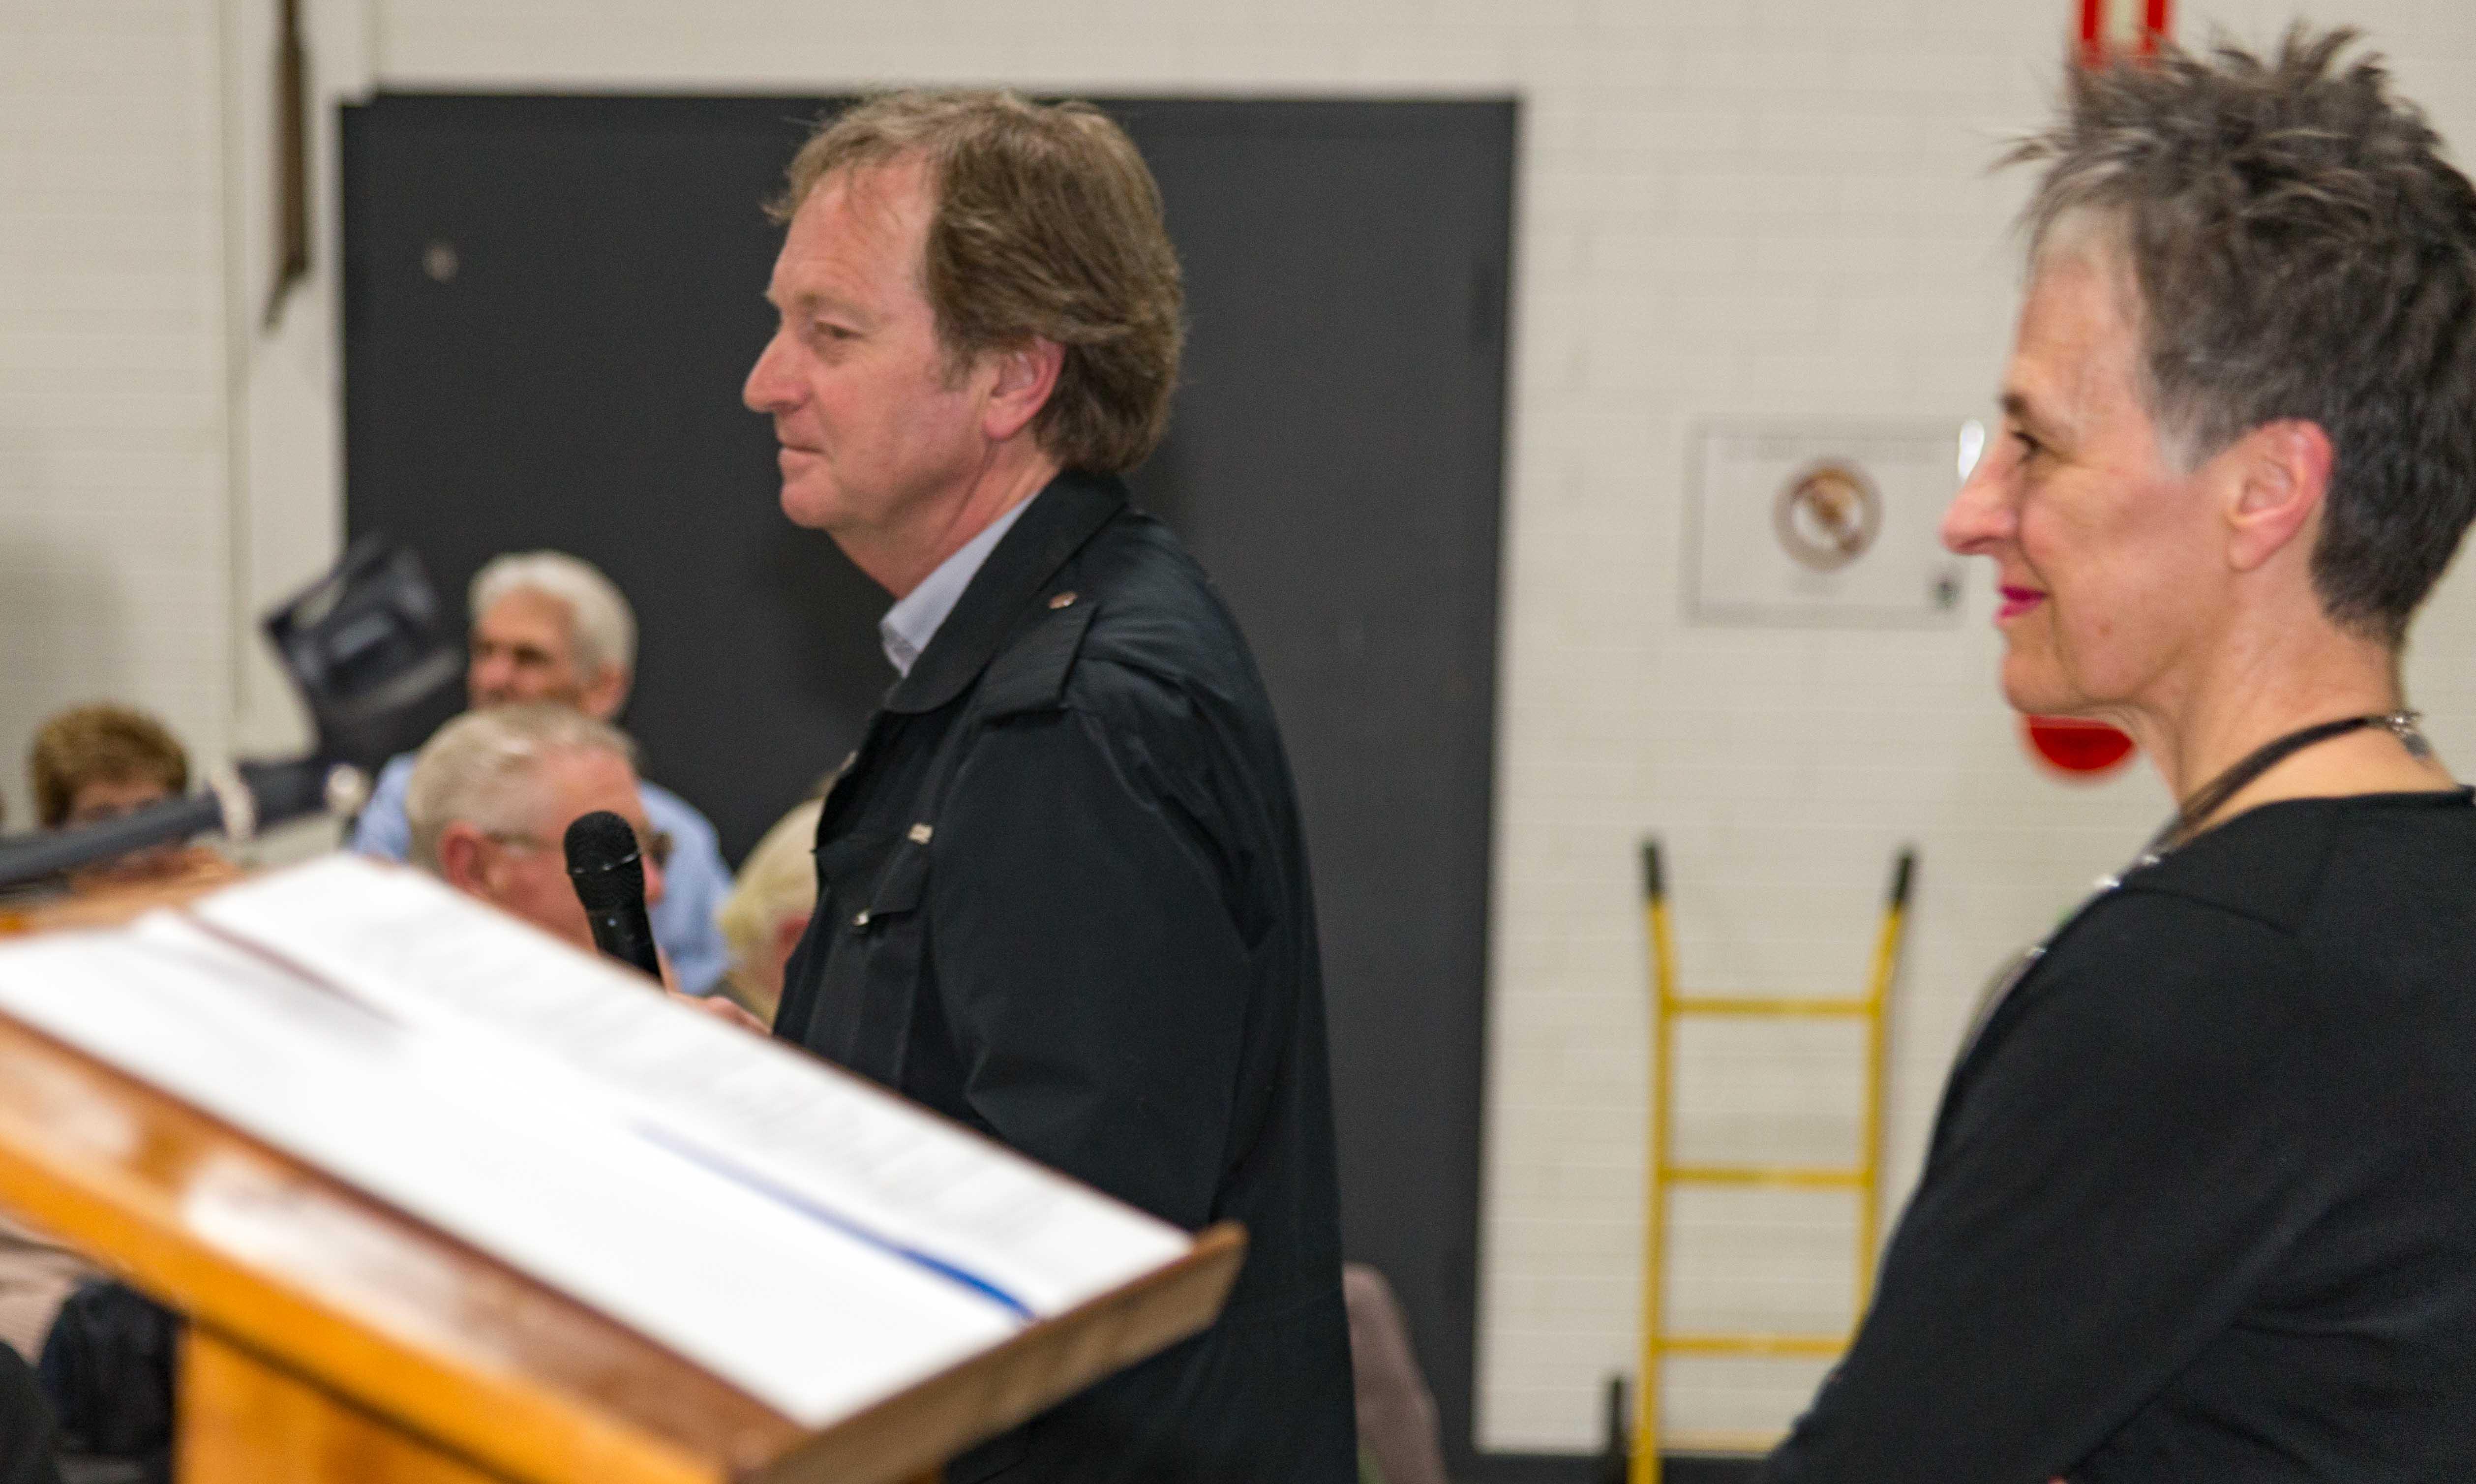 Geoffrey Bishop introduces Madeleine Regan